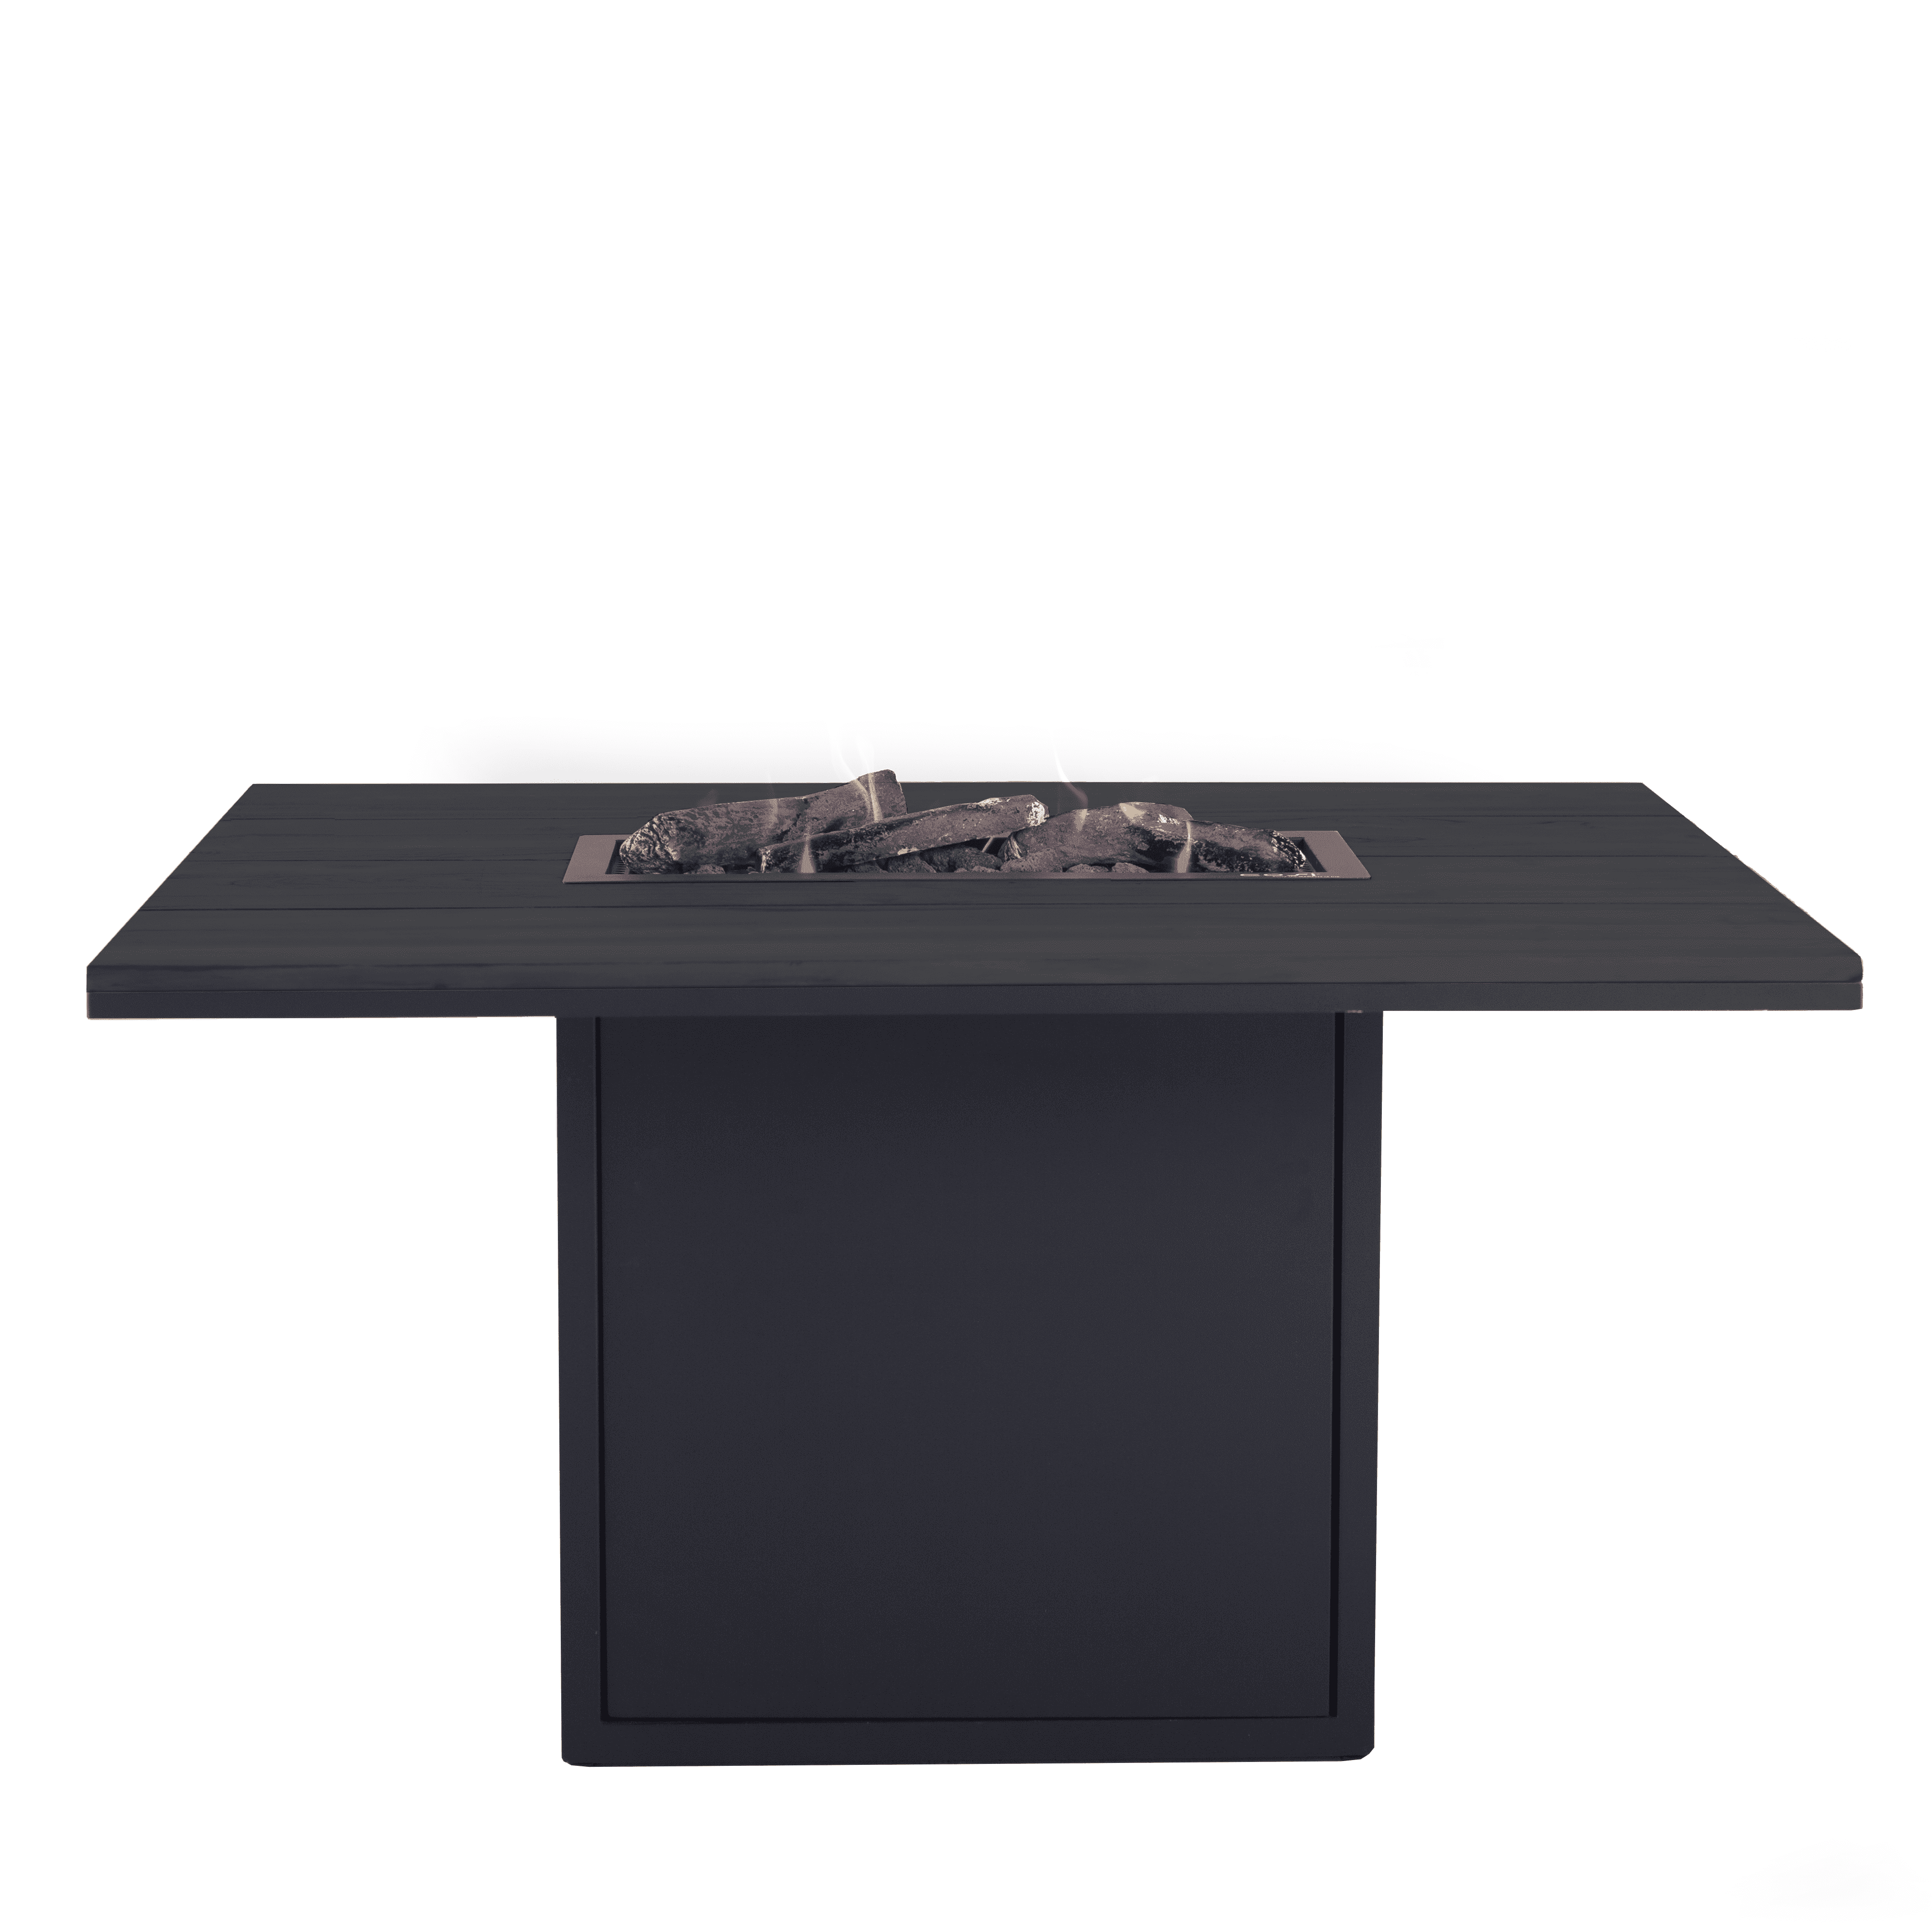 Spisebord med sort ramme